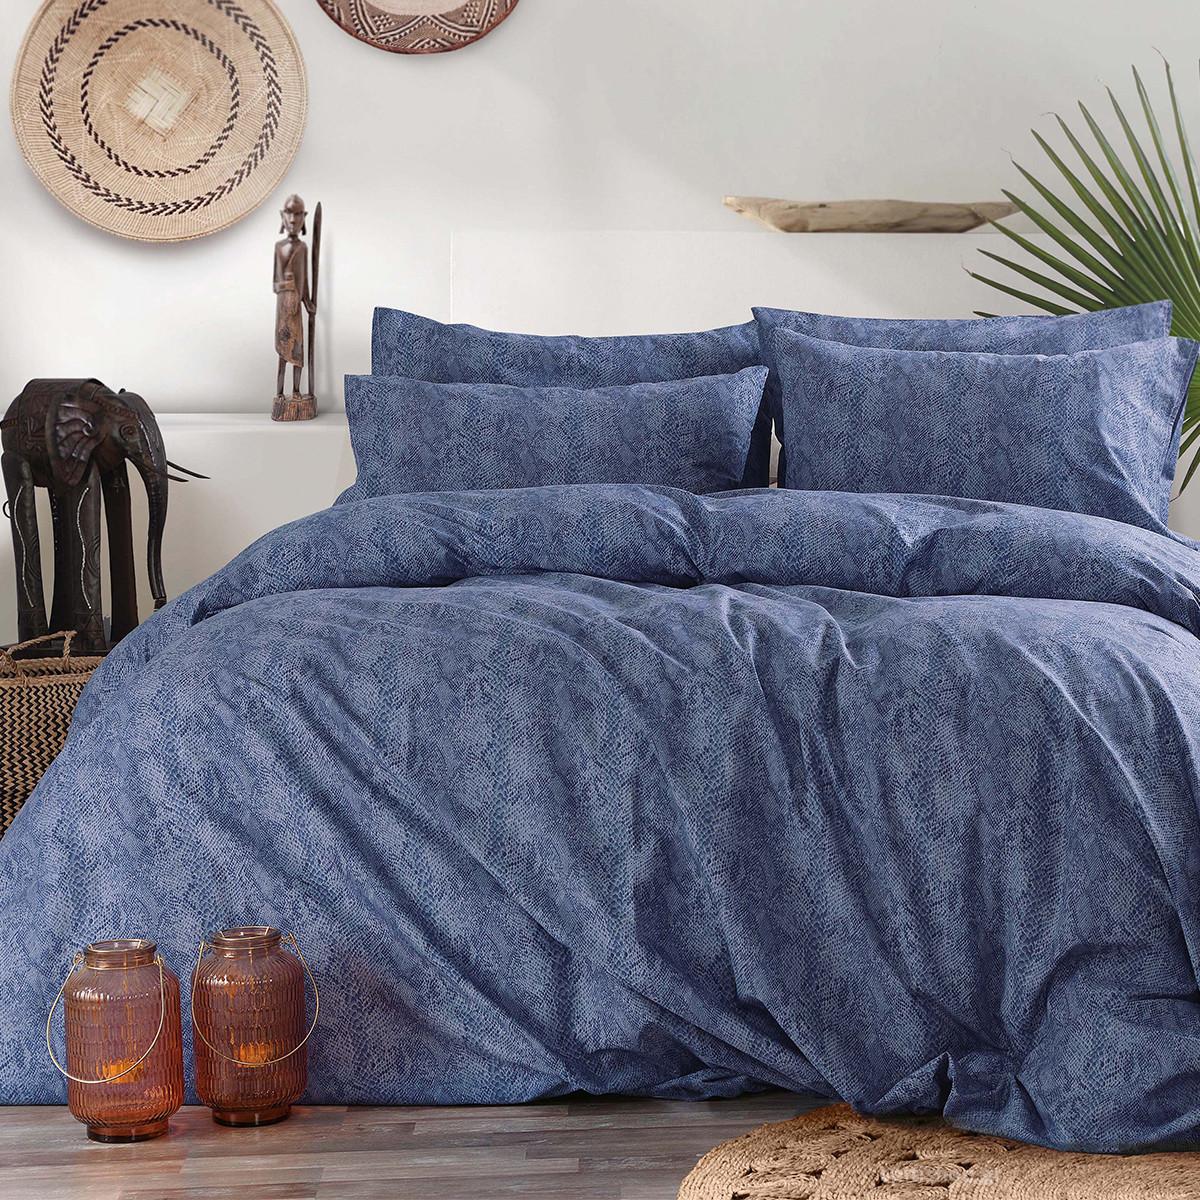 Κουβερλί Μονό (Σετ) Rythmos Diva Dreico Blue home   κρεβατοκάμαρα   κουβερλί   κουβερλί μονά